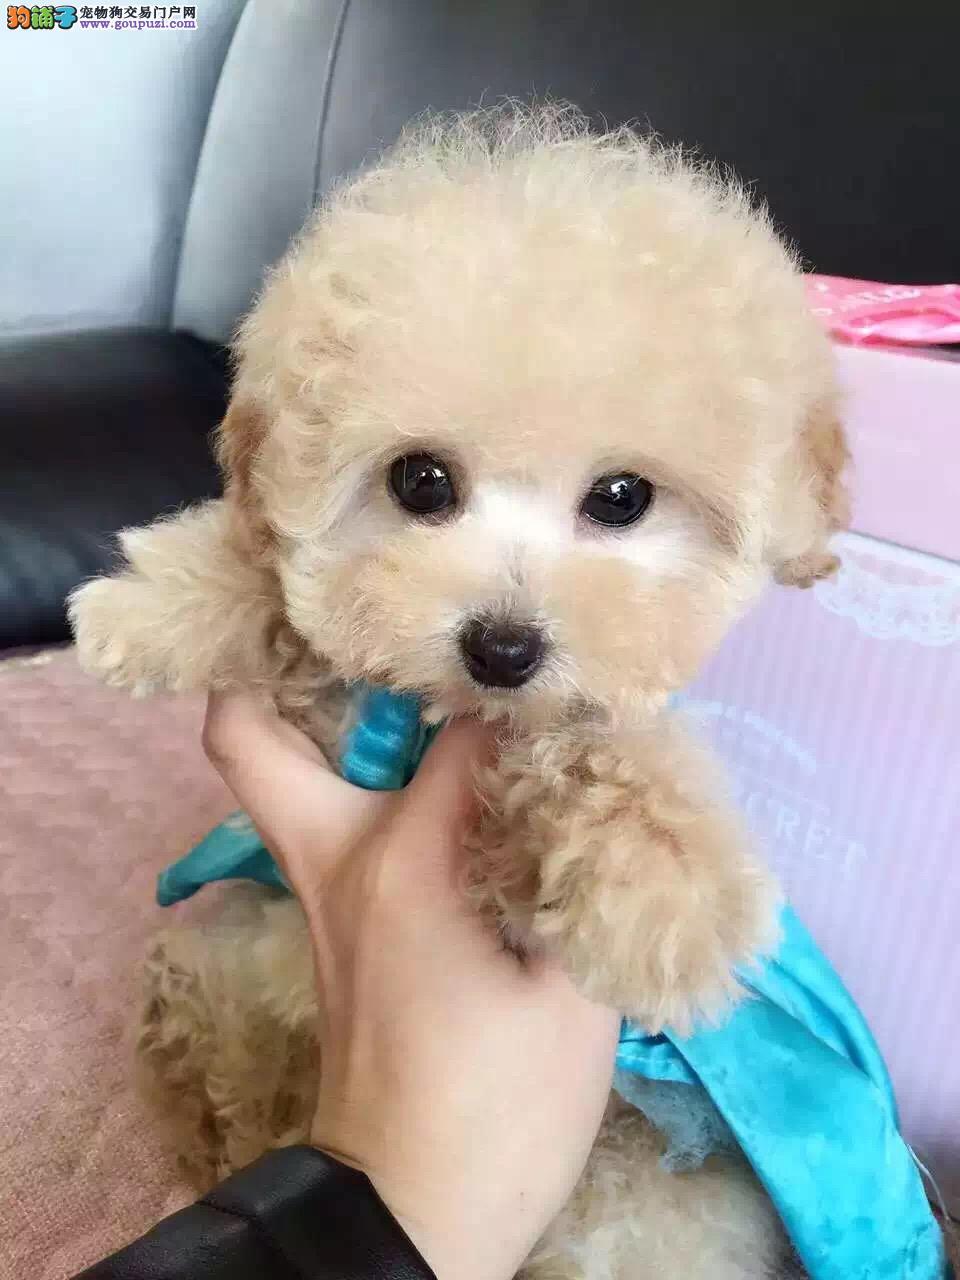 银川茶杯犬出售 银川茶杯犬照片 银川茶杯泰迪多少钱